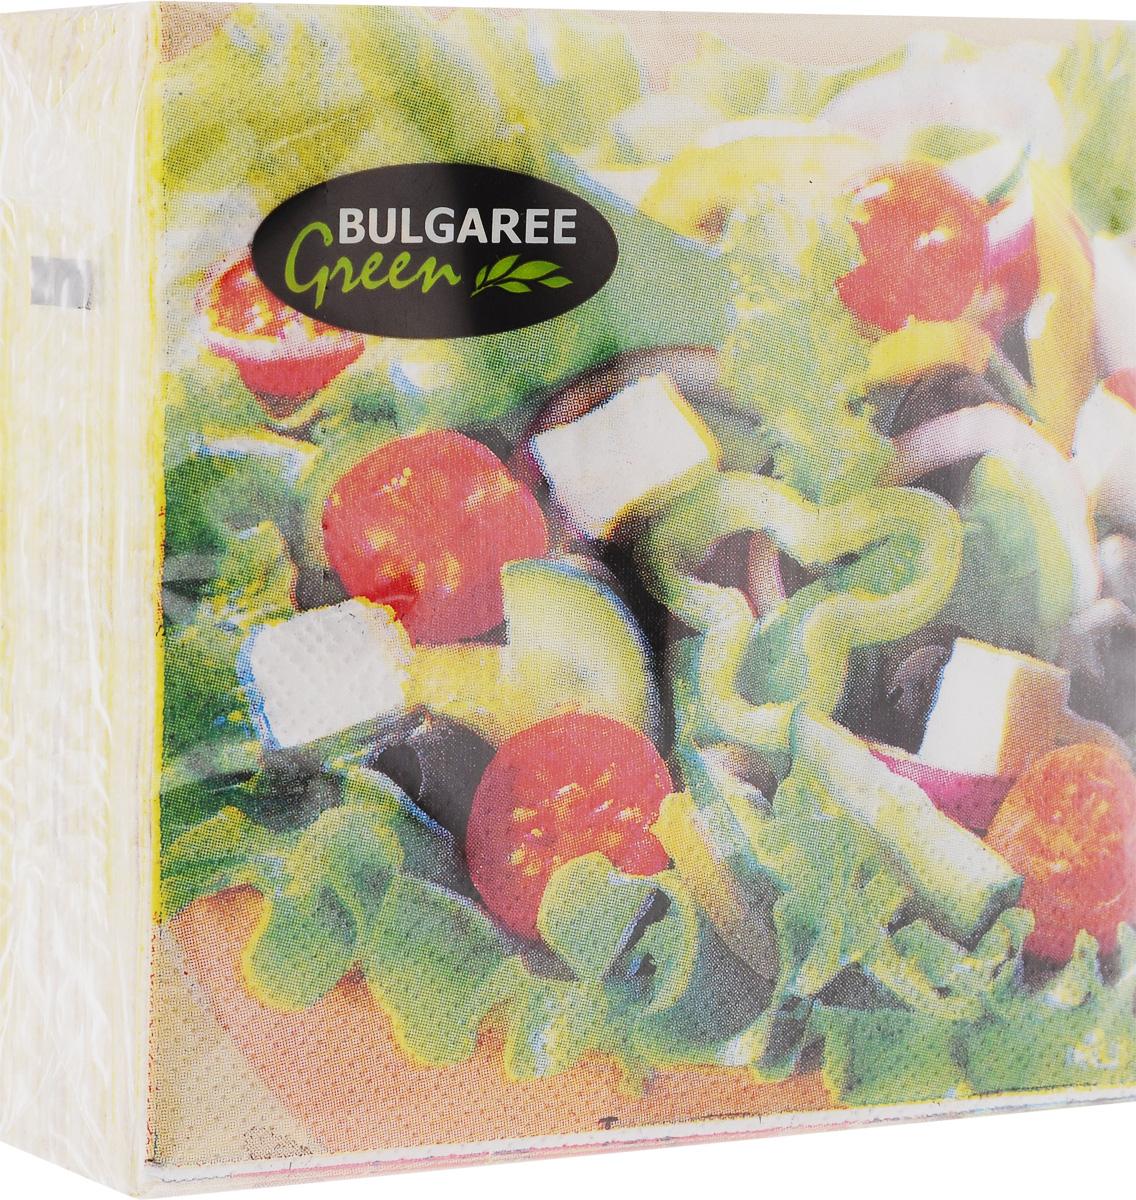 Салфетки бумажные Bulgaree Green Греческий салат, двухслойные, 24 х 24 см, 50 штCDF-16Декоративные двухслойные салфетки Bulgaree Green Греческий салат выполнены из 100%целлюлозы европейского качества и оформлены ярким рисунком. Изделия станут отличным дополнением любого праздничного стола. Они отличаются необычной мягкостью, прочностью и оригинальностью.Размер салфеток в развернутом виде: 24 х 24 см.